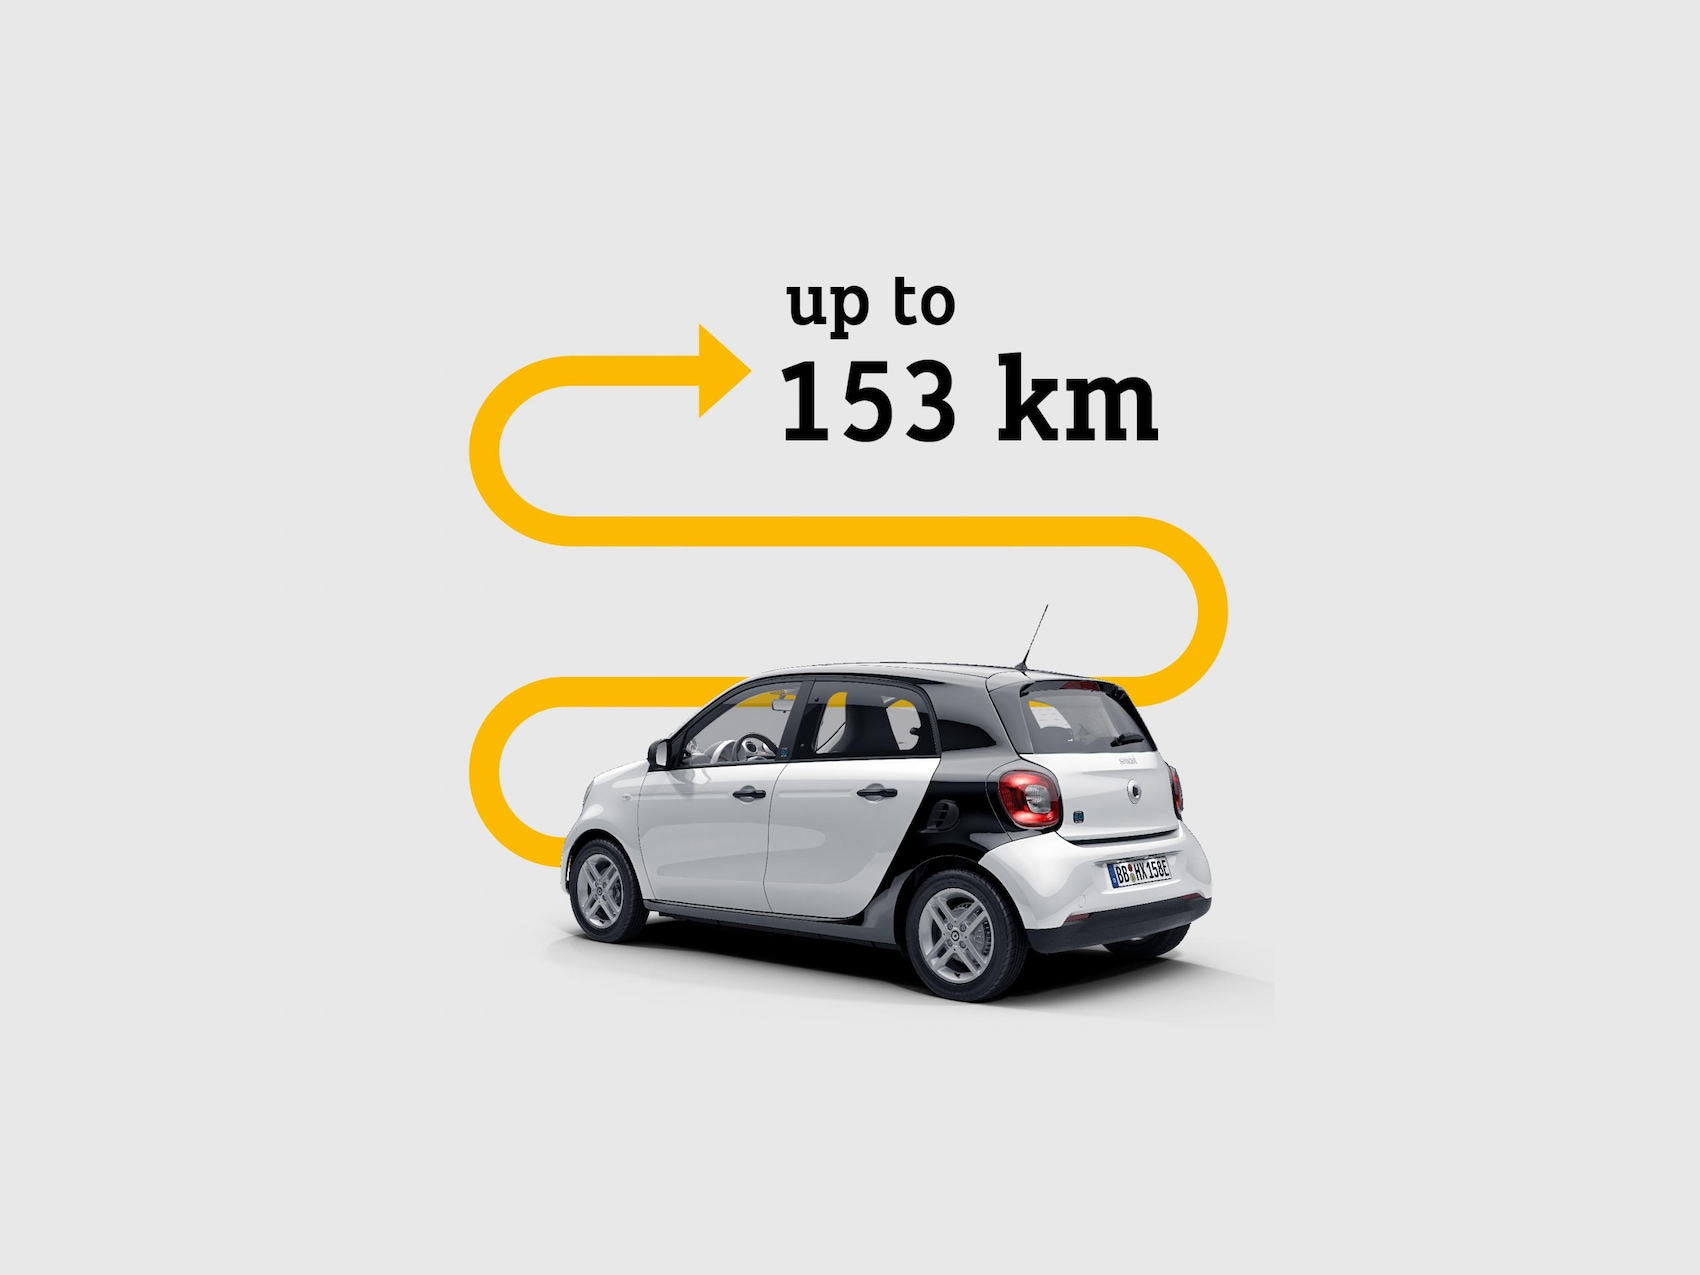 smart EQ forfour, deasupra căruia o săgeată face aluzie la autonomia de 153 km.